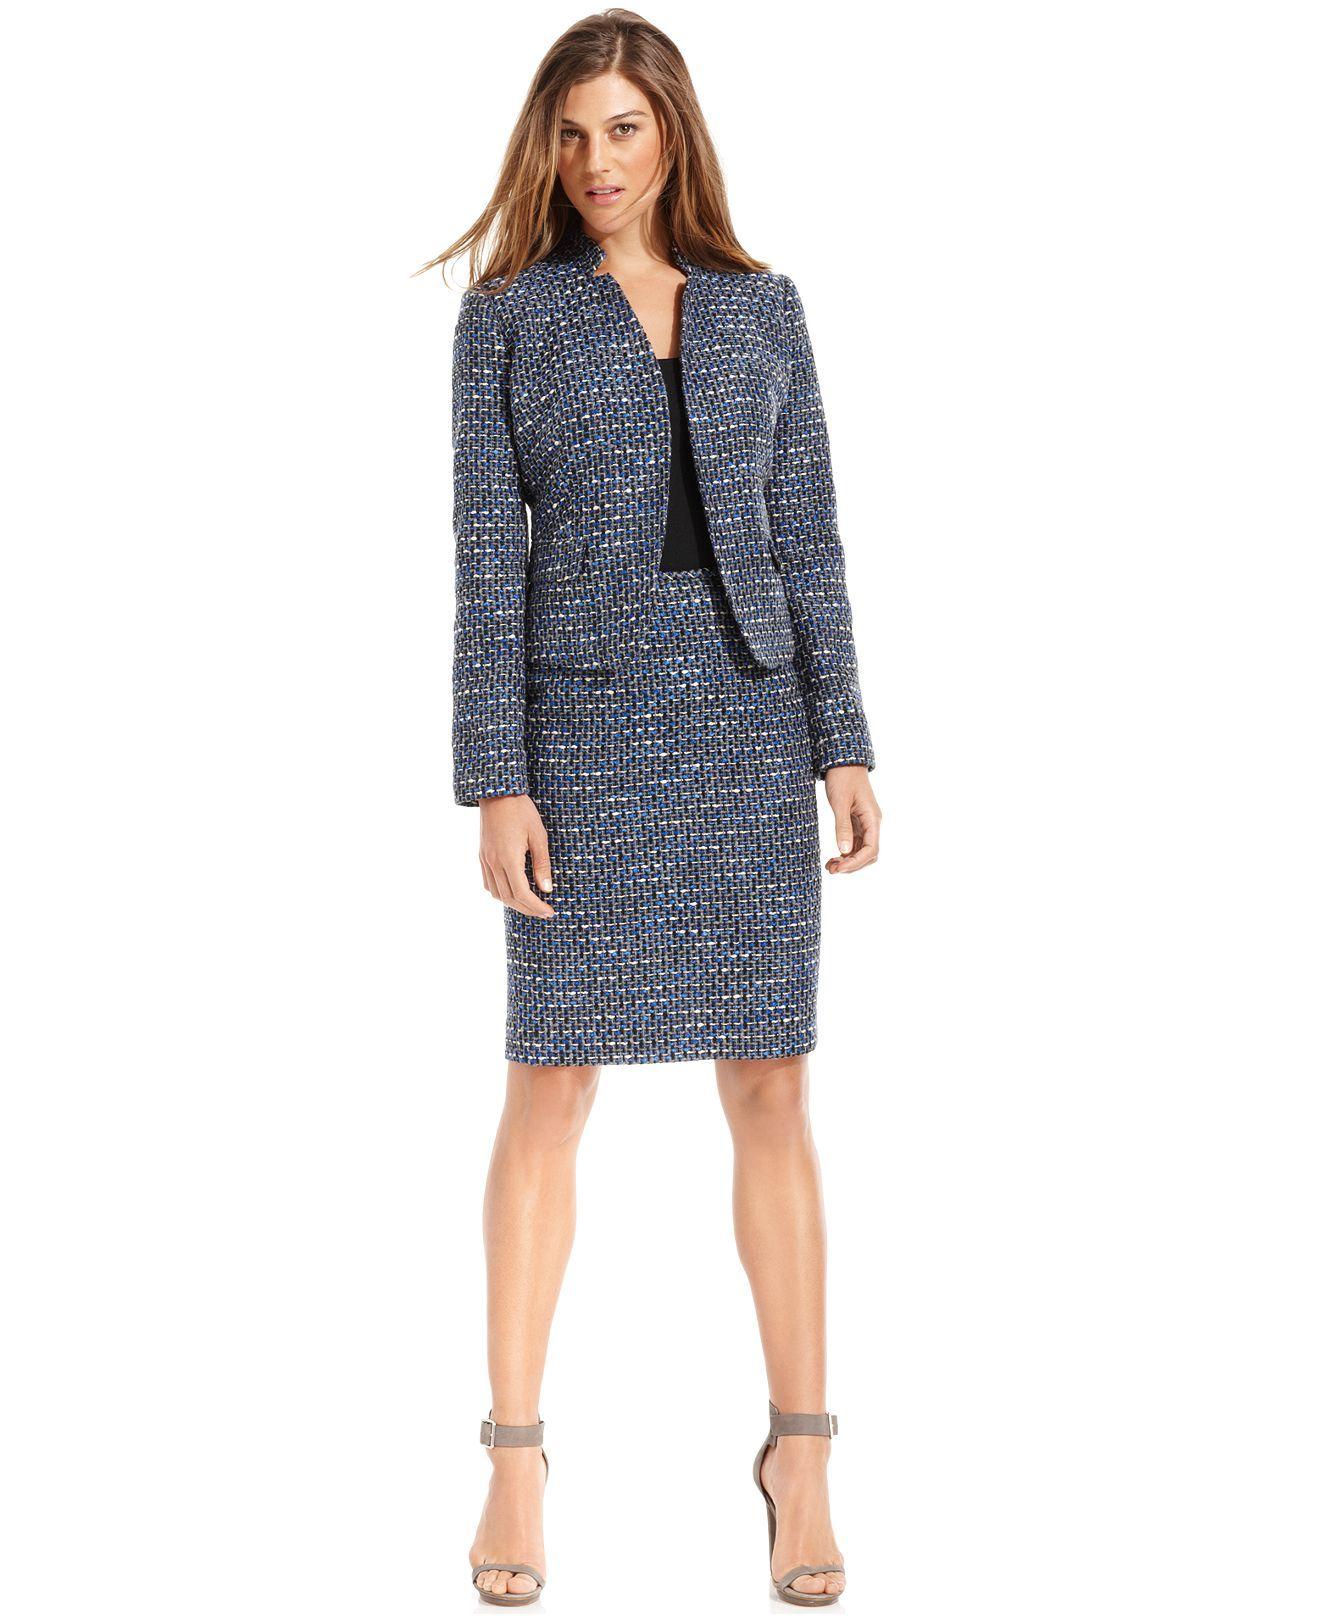 Calvin Klein Suit Separates Collection Suits Suit Separates